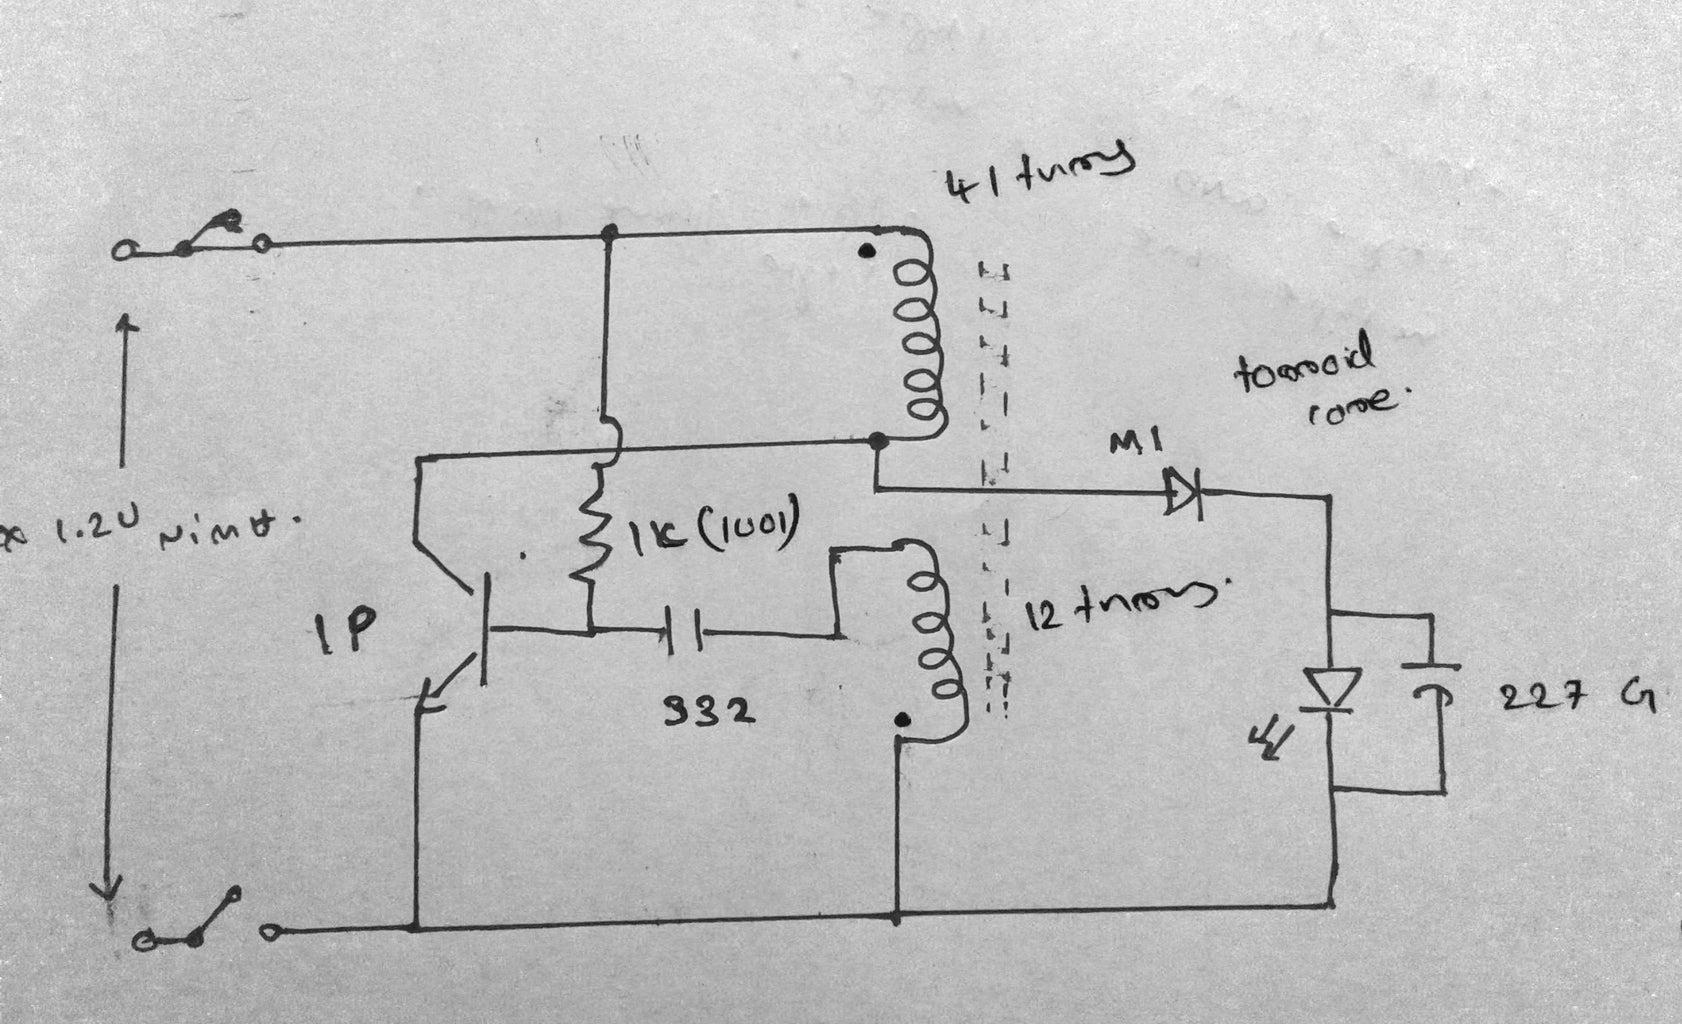 Full Plan & Circuit Diagram